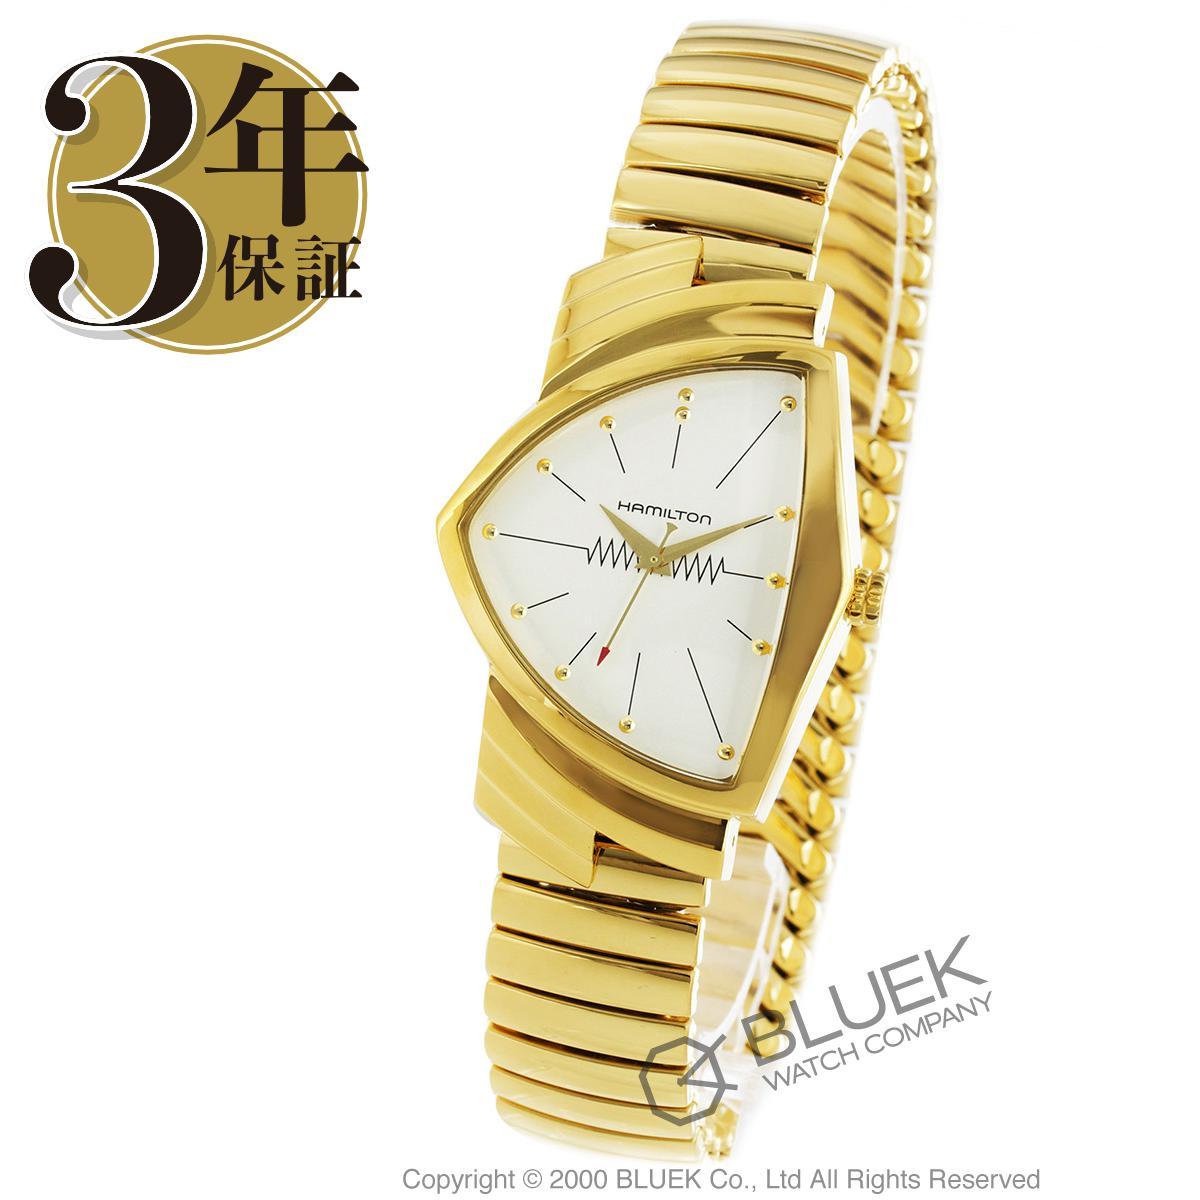 ハミルトン ベンチュラ フレックス 腕時計 メンズ HAMILTON H24301111_8 バーゲン 成人祝い ギフト プレゼント